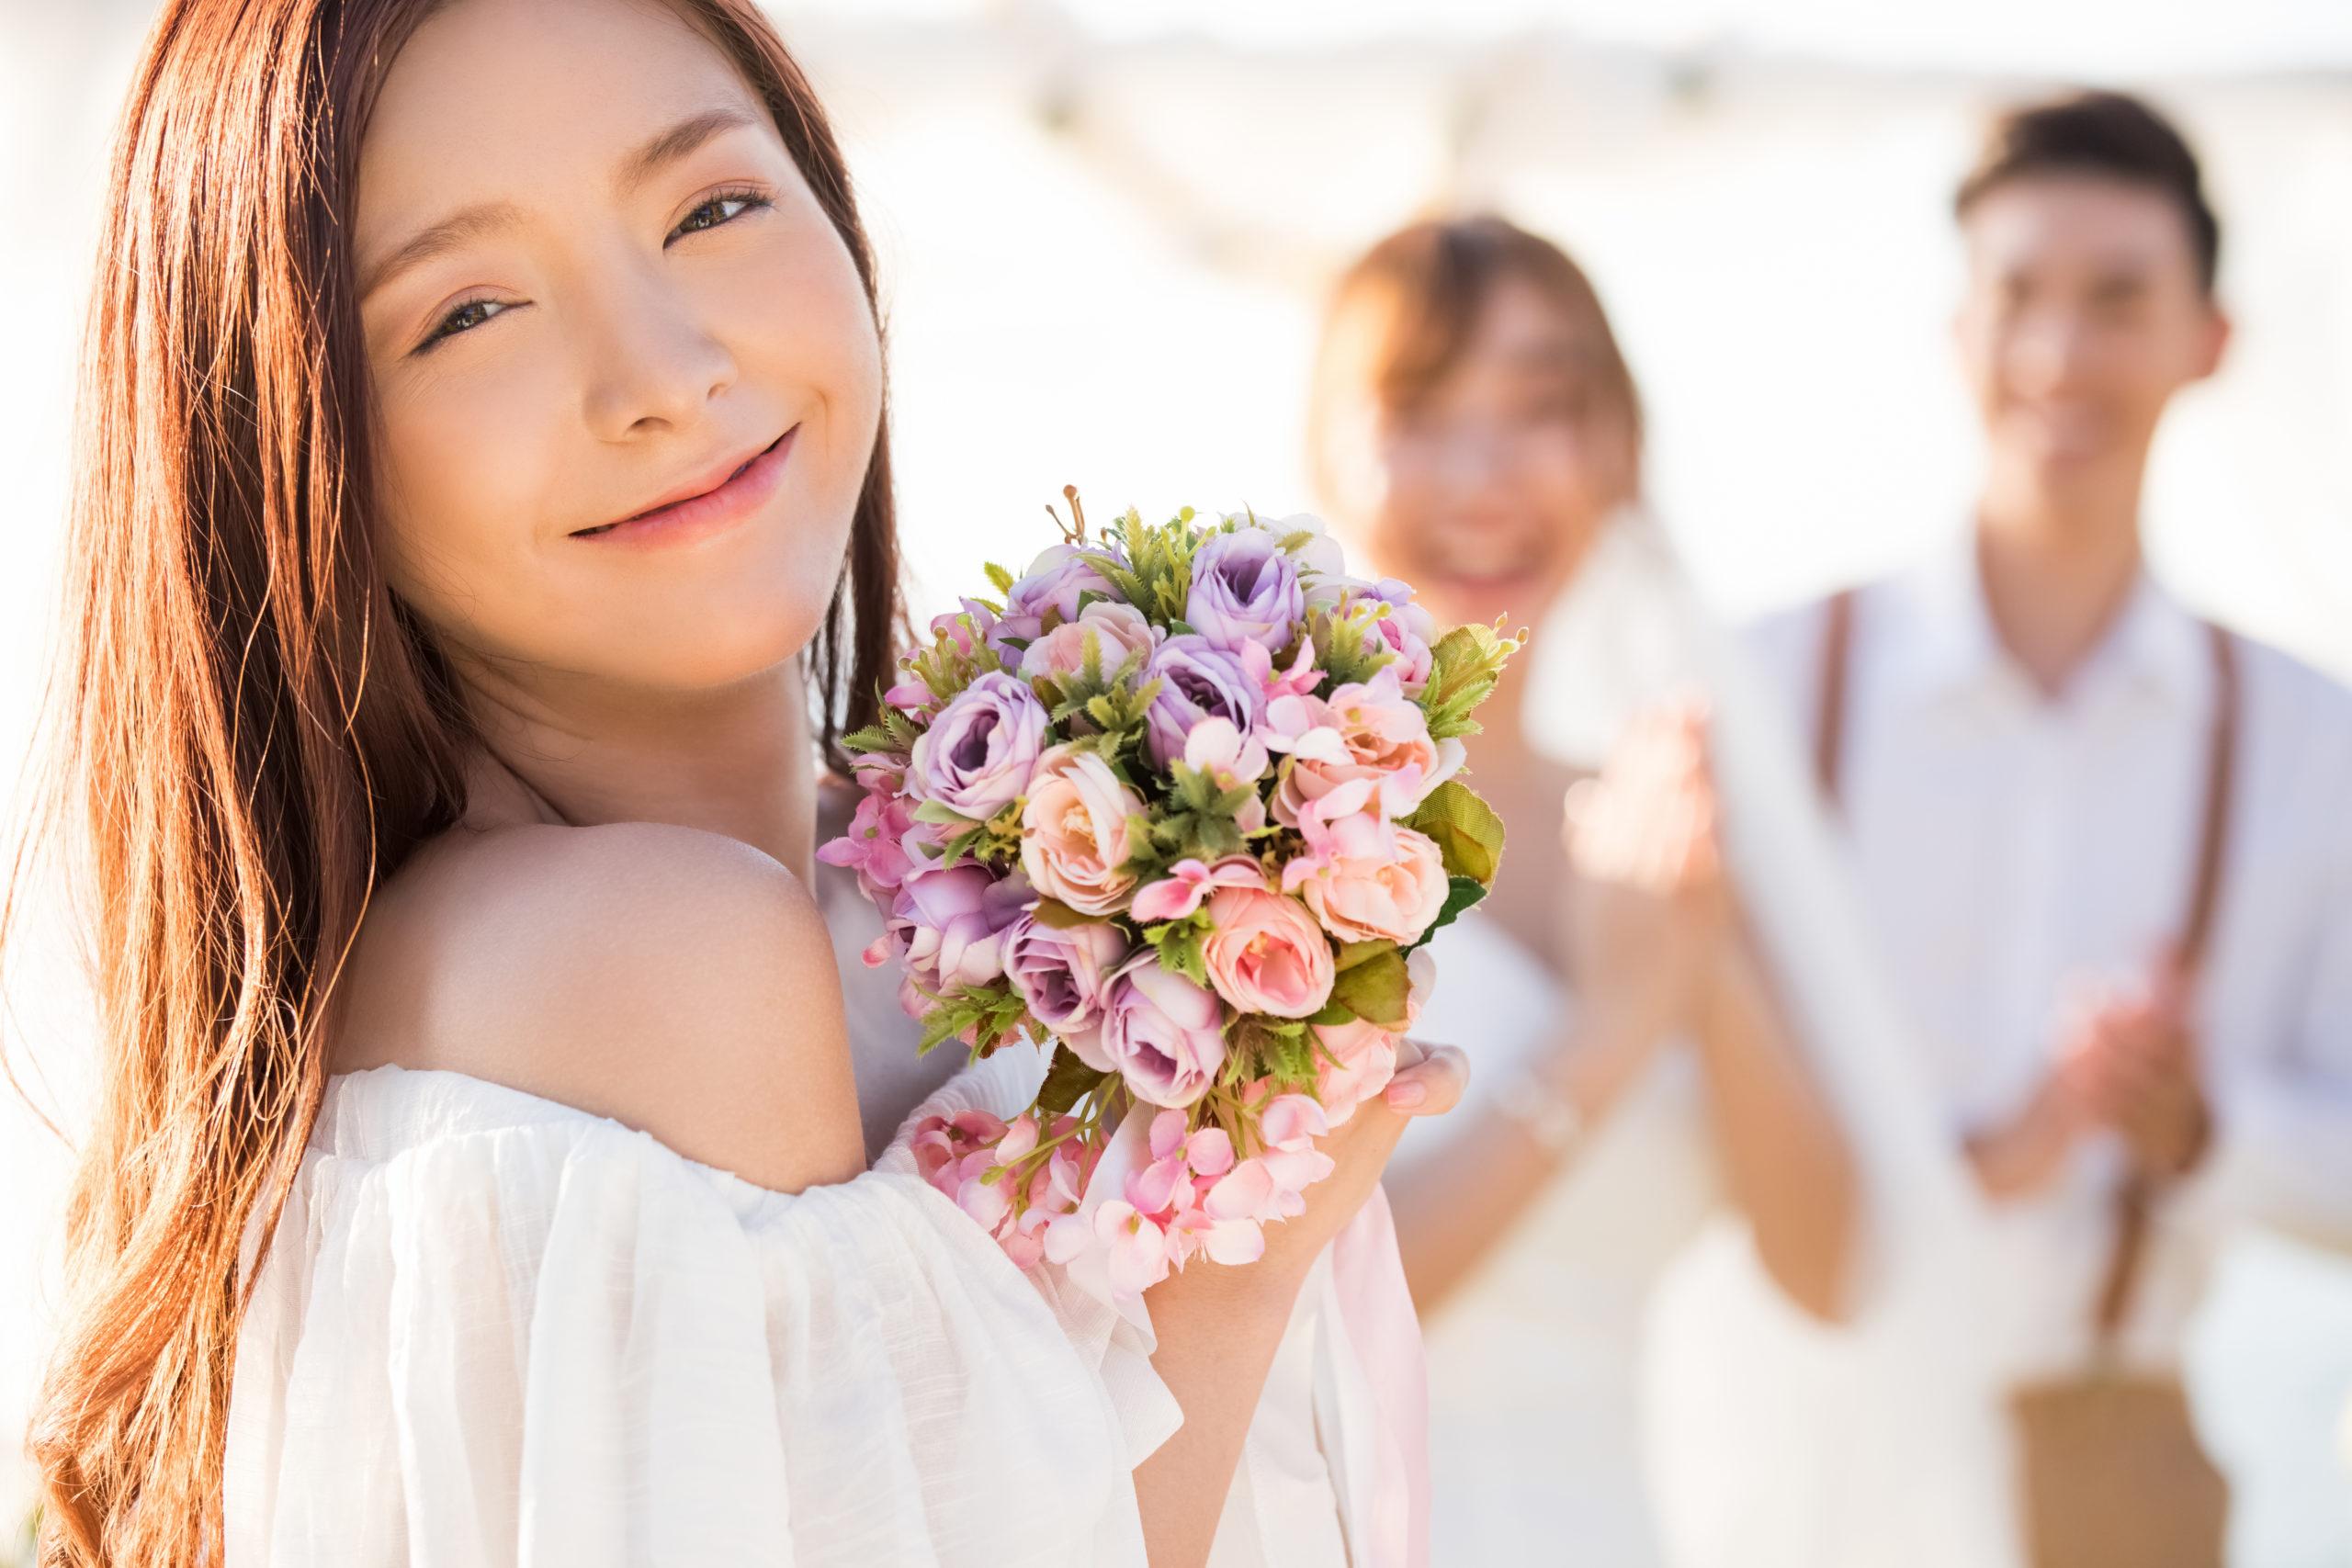 美人と結婚するために重要なこと